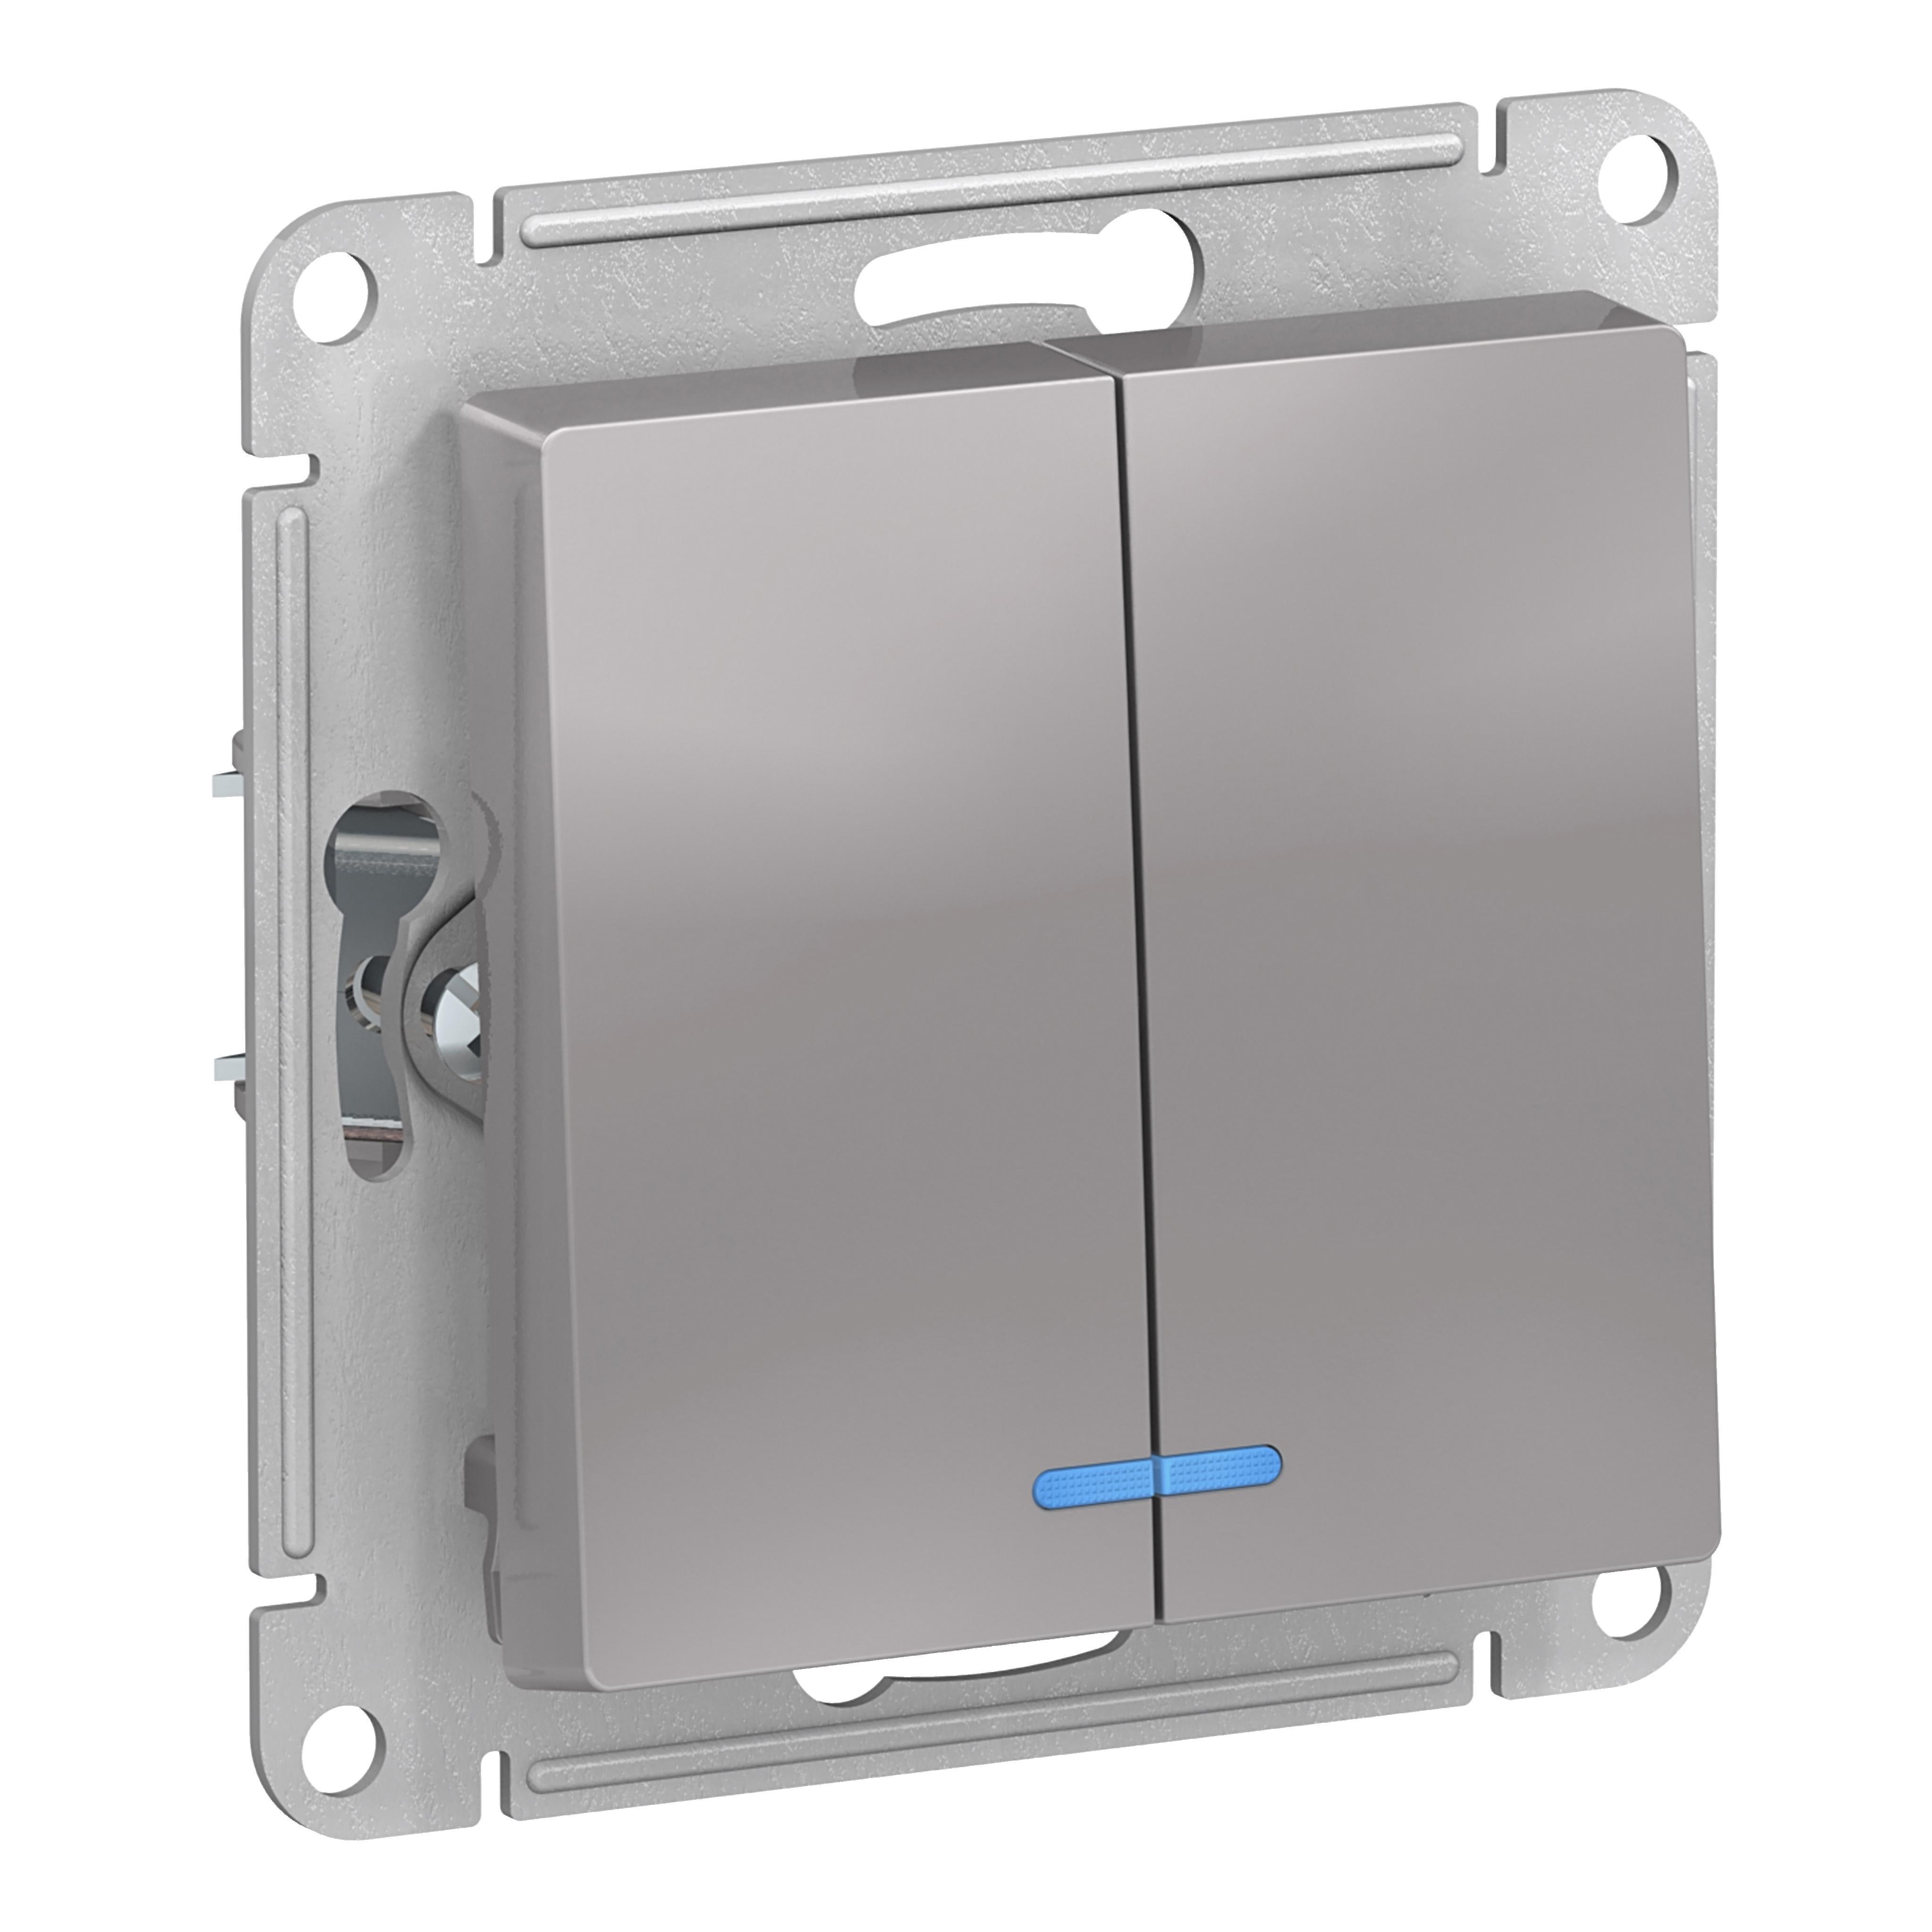 Механизм выключателя Schneider electric Atn000353